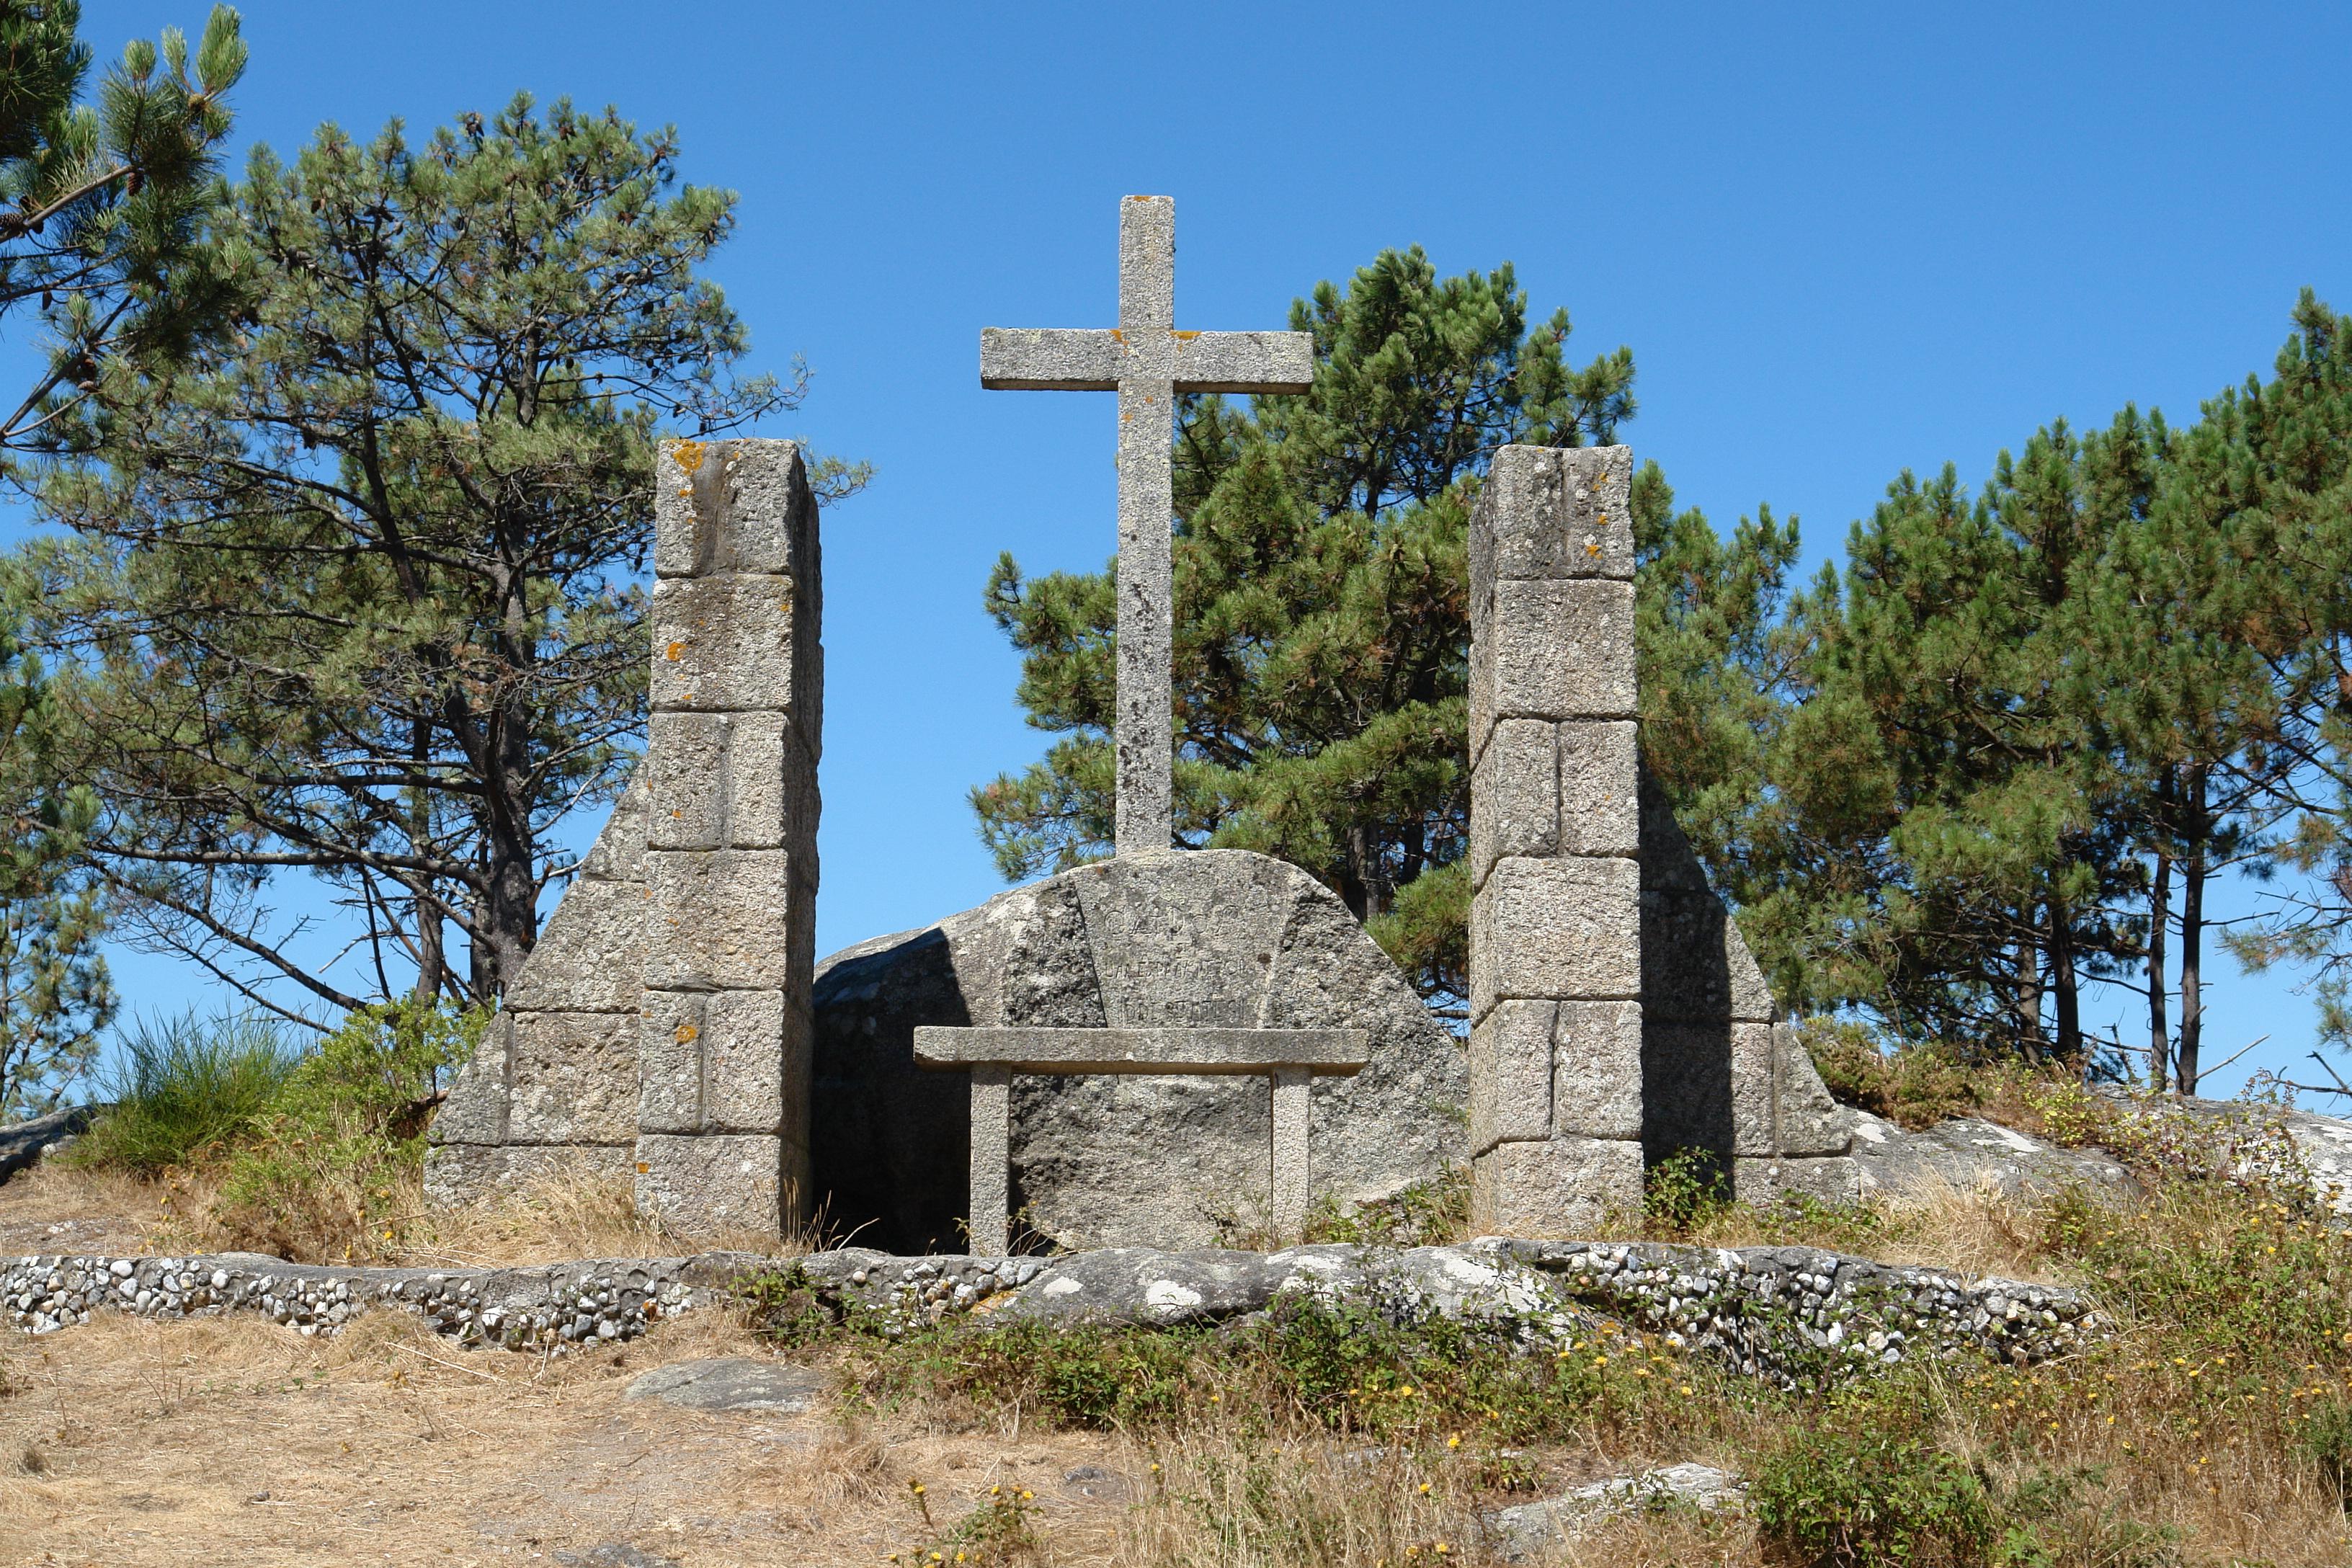 Foto playa Cabeiro / Caveiro. Aguieira, altar de piedra